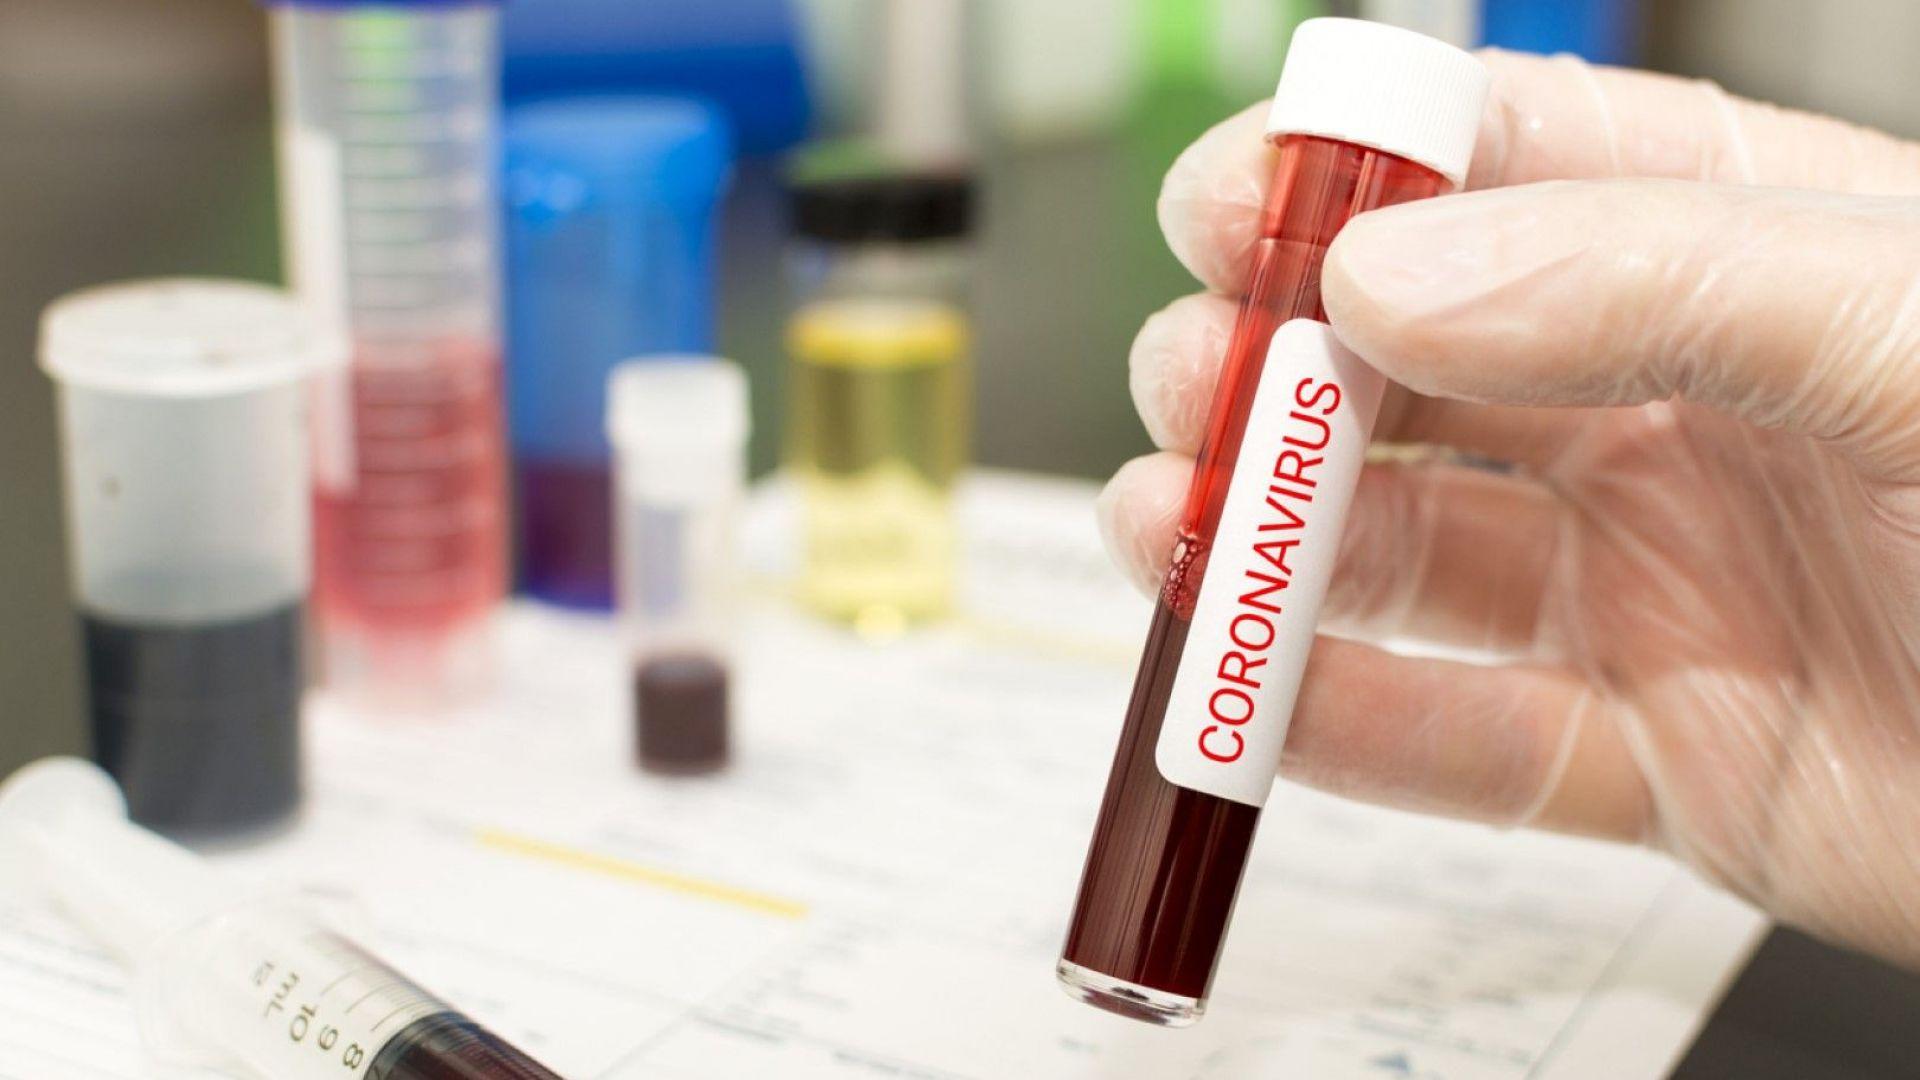 В Сърница регистрираха 8 положителни проби за коронавирус. Това съобщиха